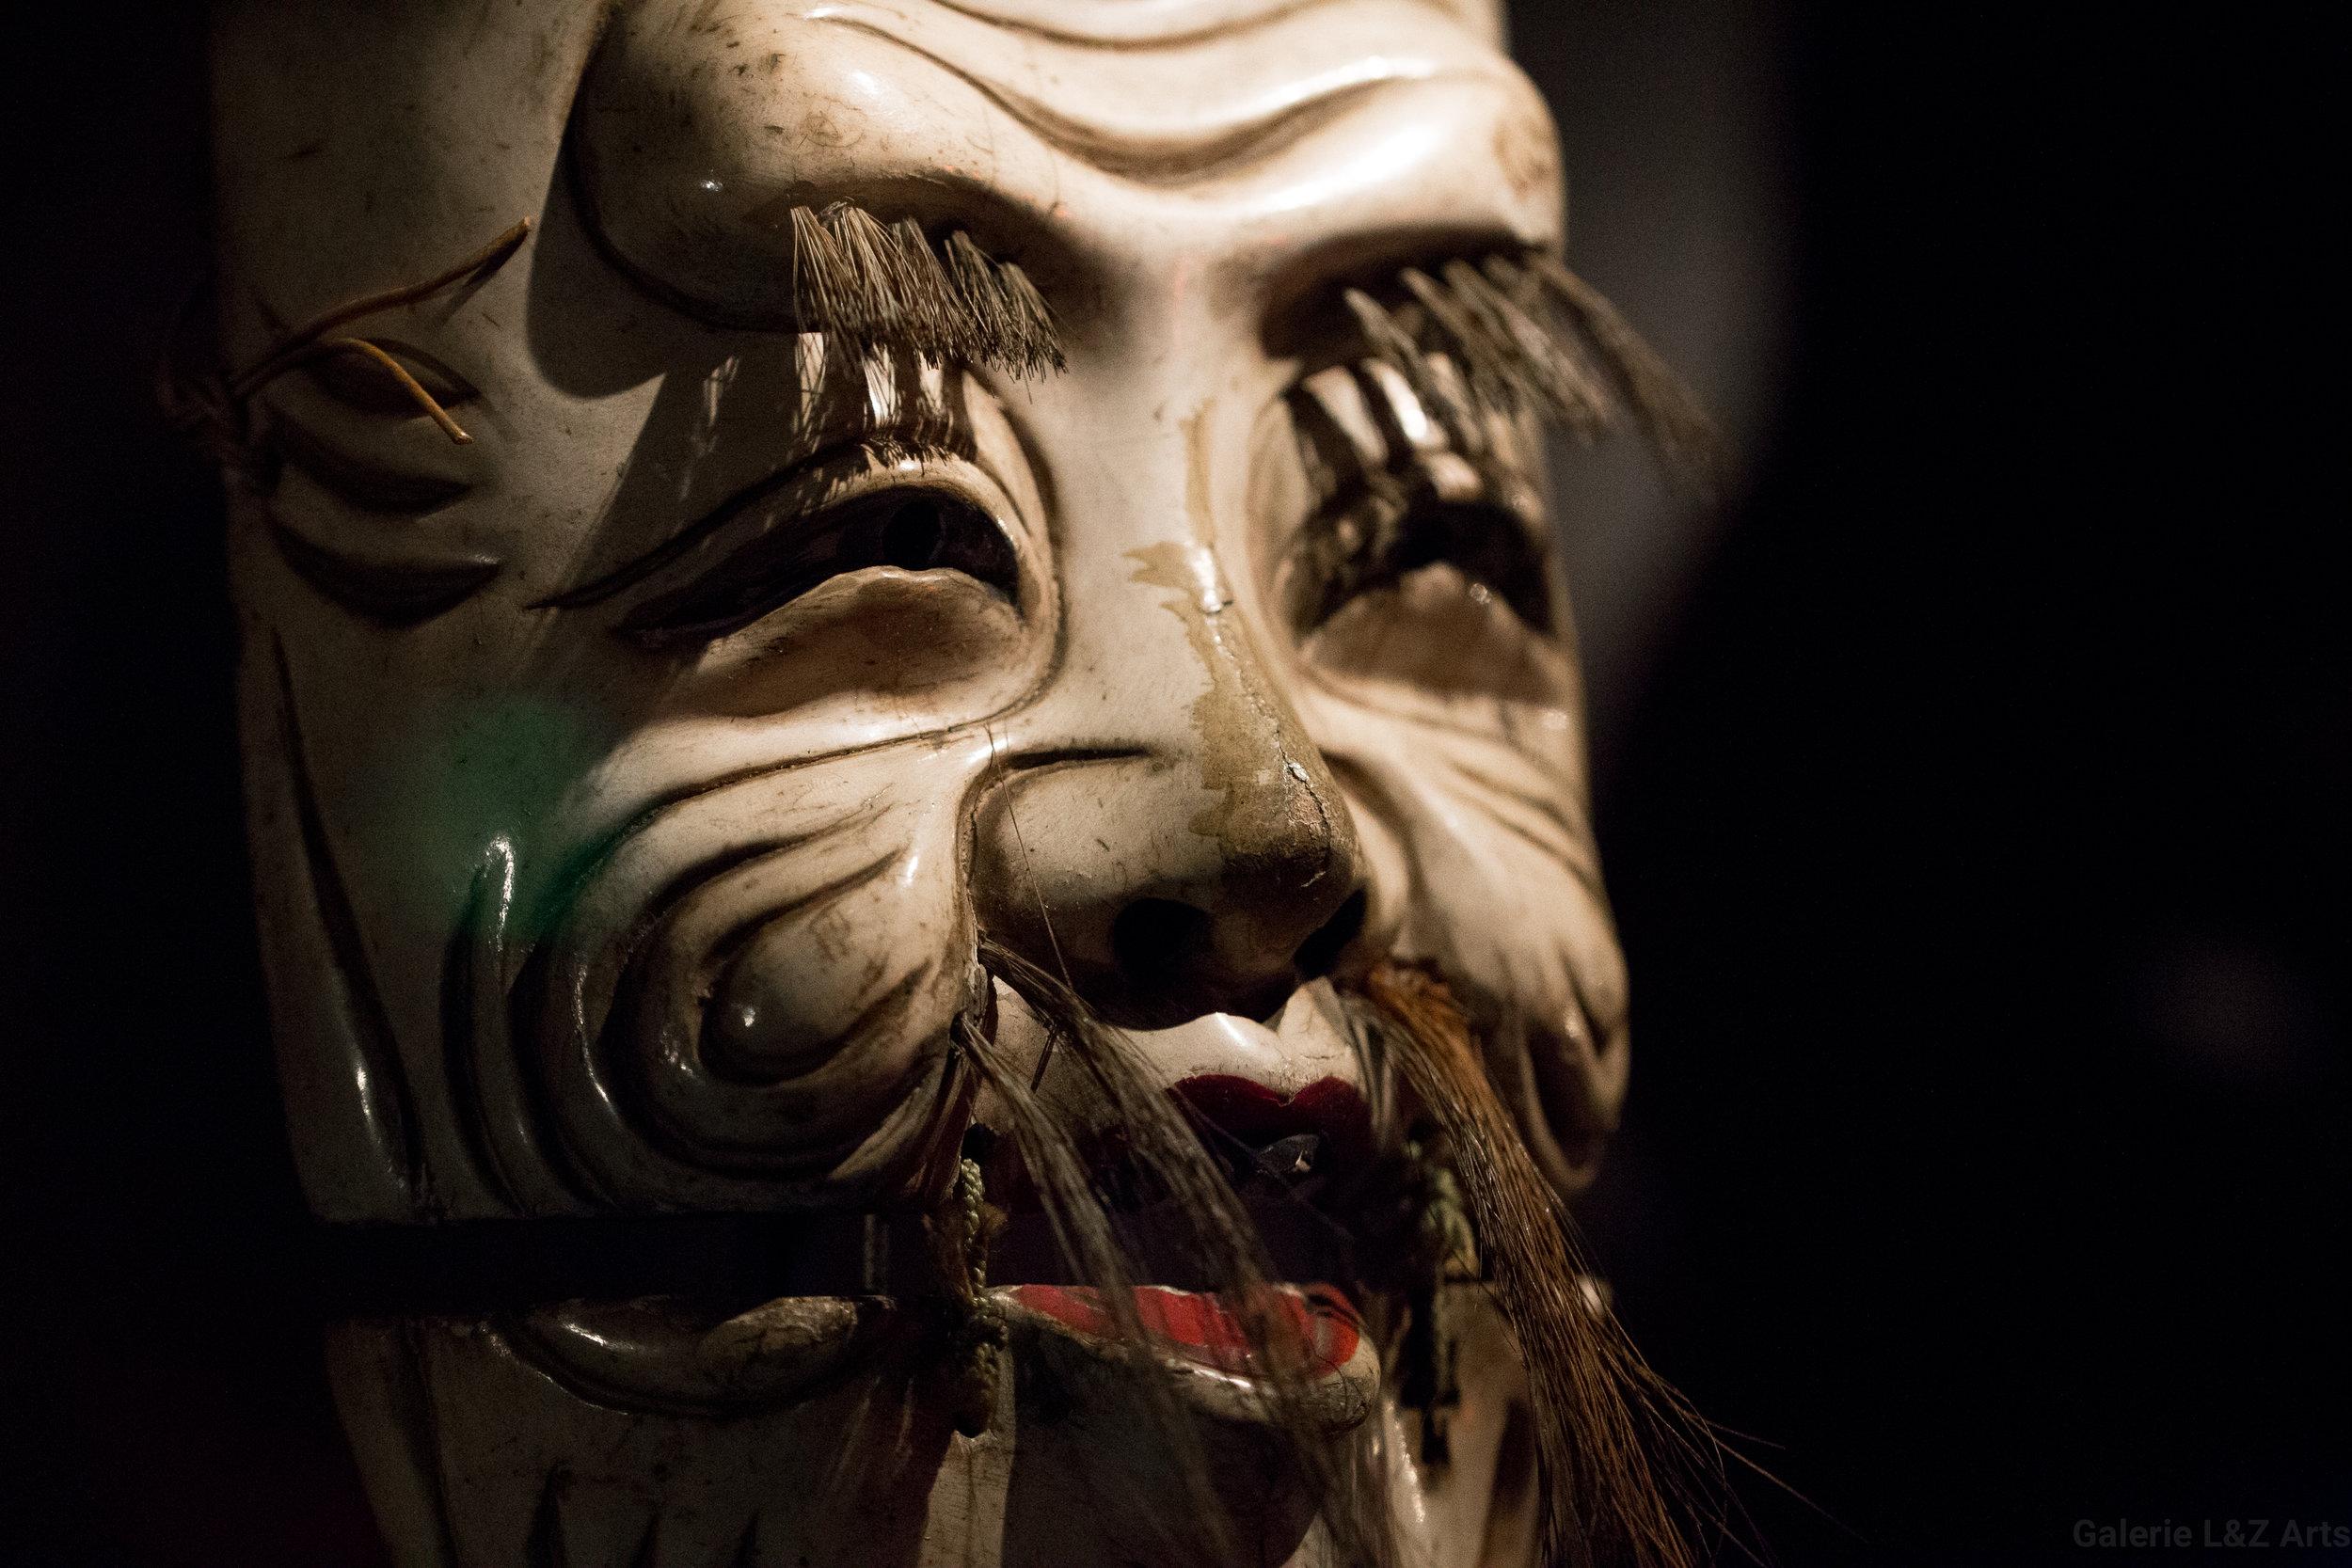 exposition-masque-art-tribal-africain-musee-quai-branly-belgique-galerie-lz-arts-liege-cite-miroir-oceanie-asie-japon-amerique-art-premier-nepal-33.jpg